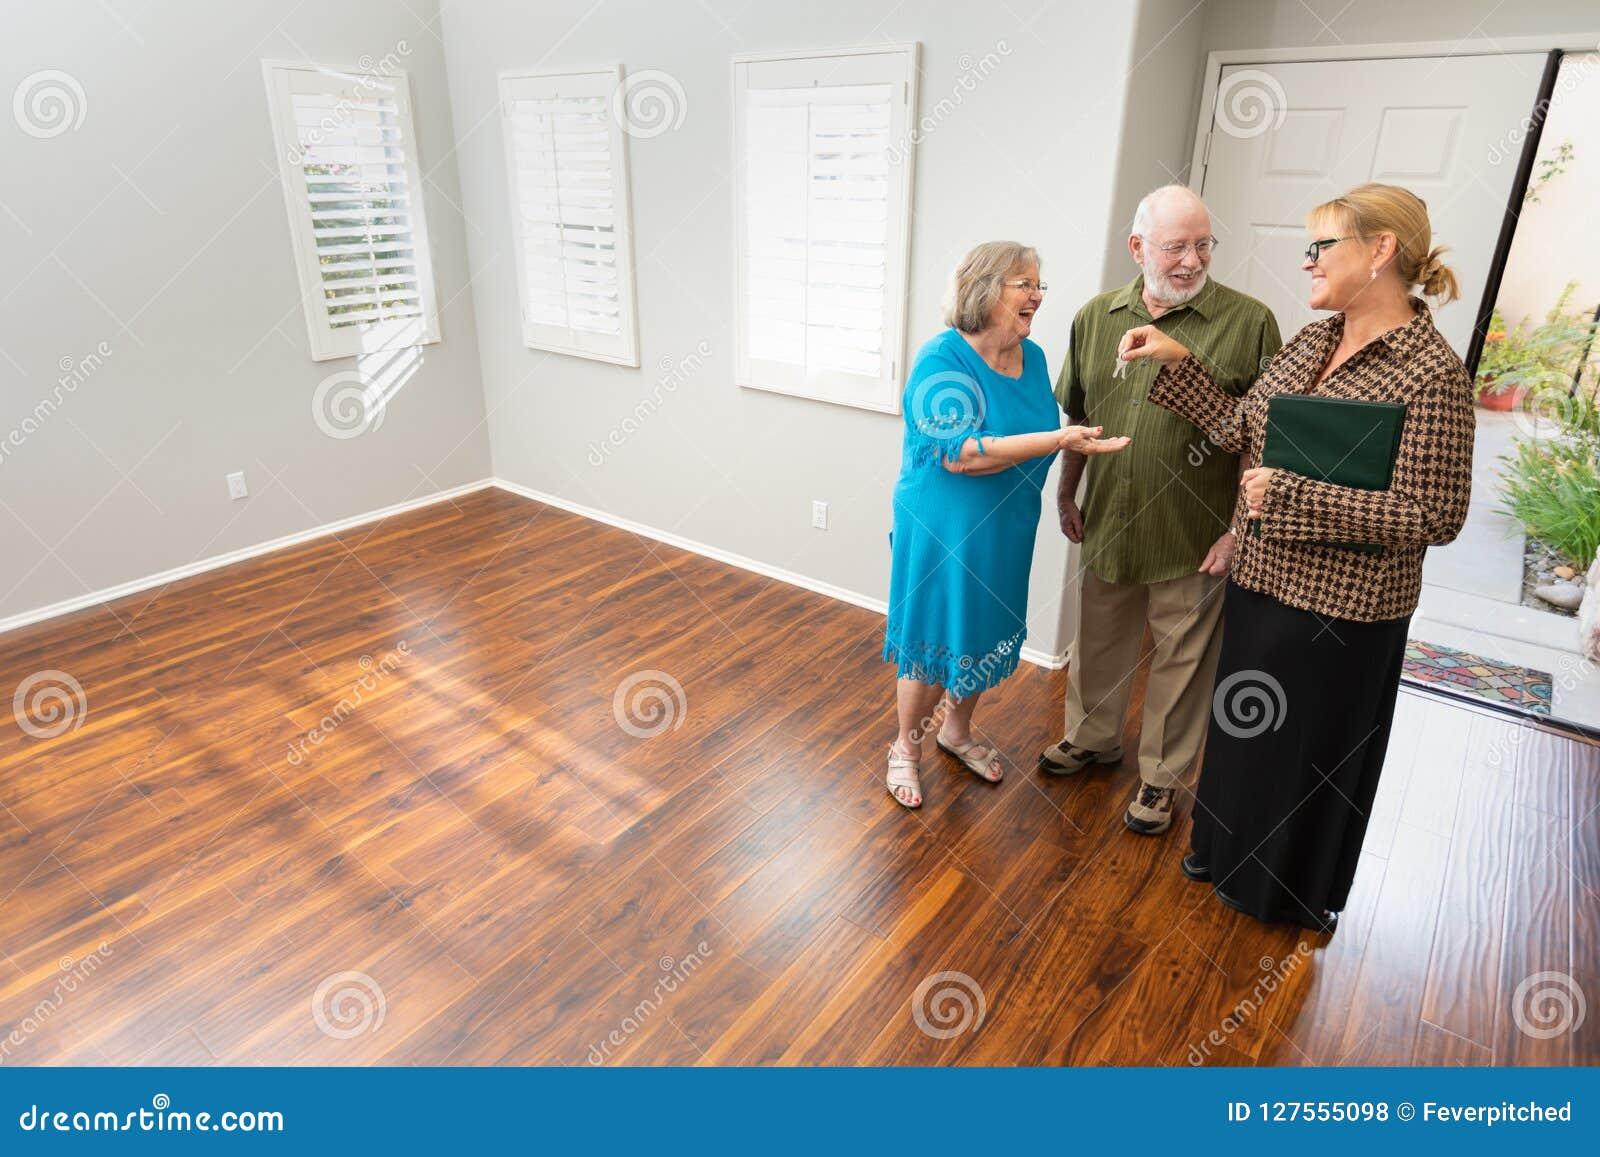 Female Real Estate Agent Handing New House Keys to Senior Adult